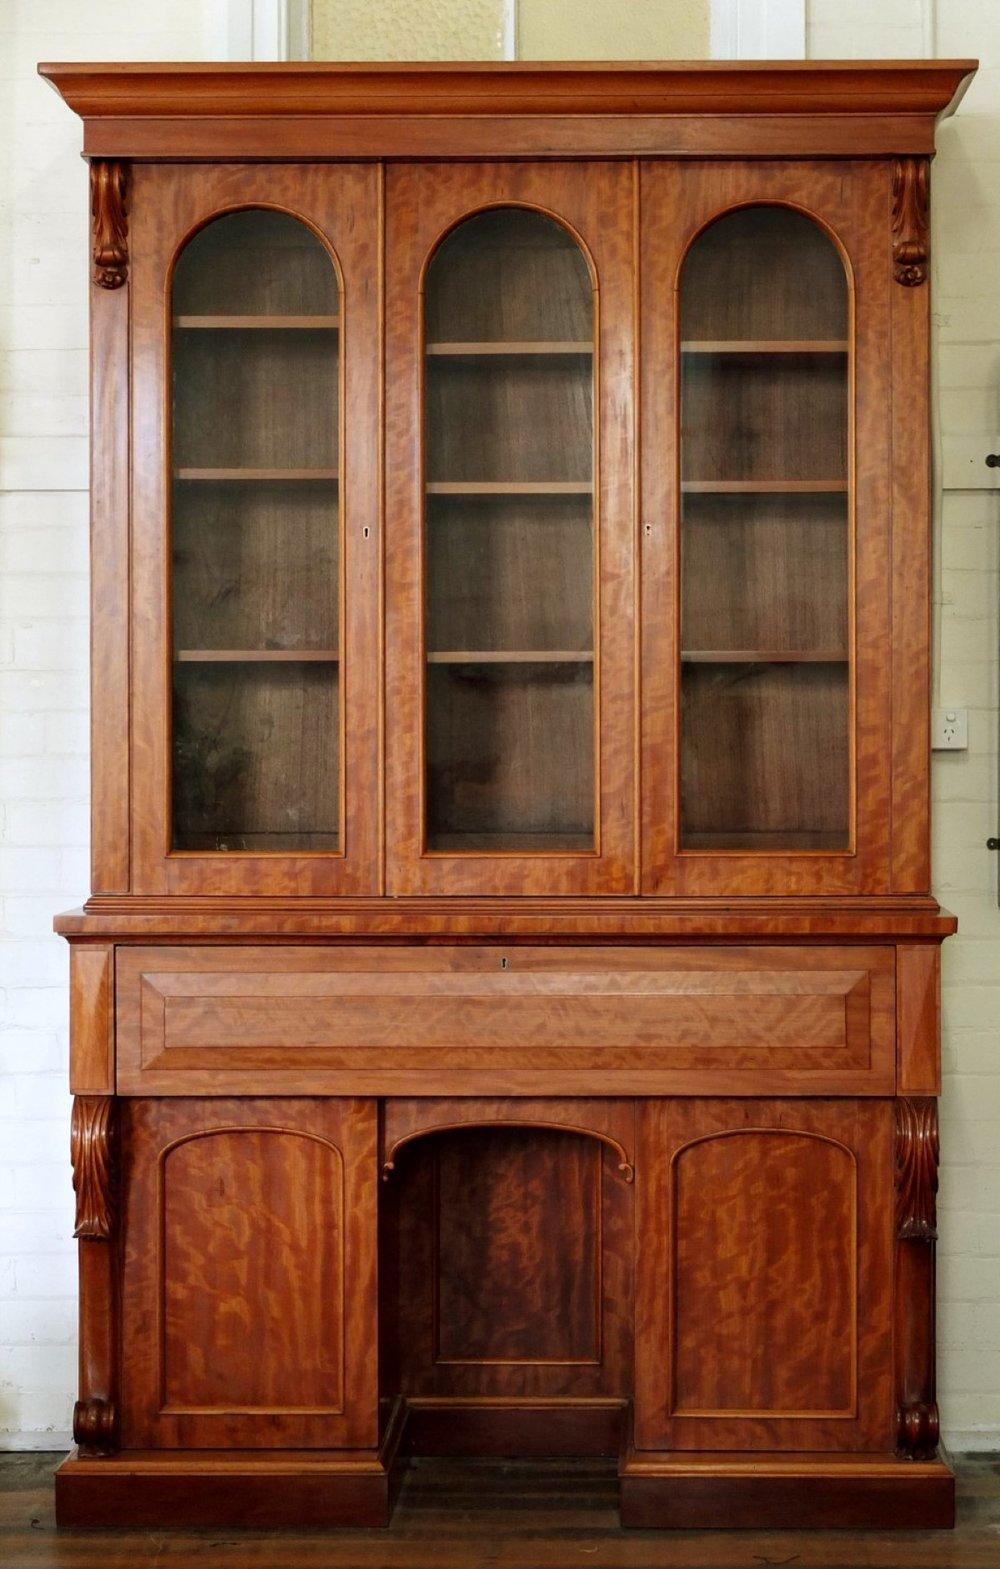 Lenehan Bookcase.jpg